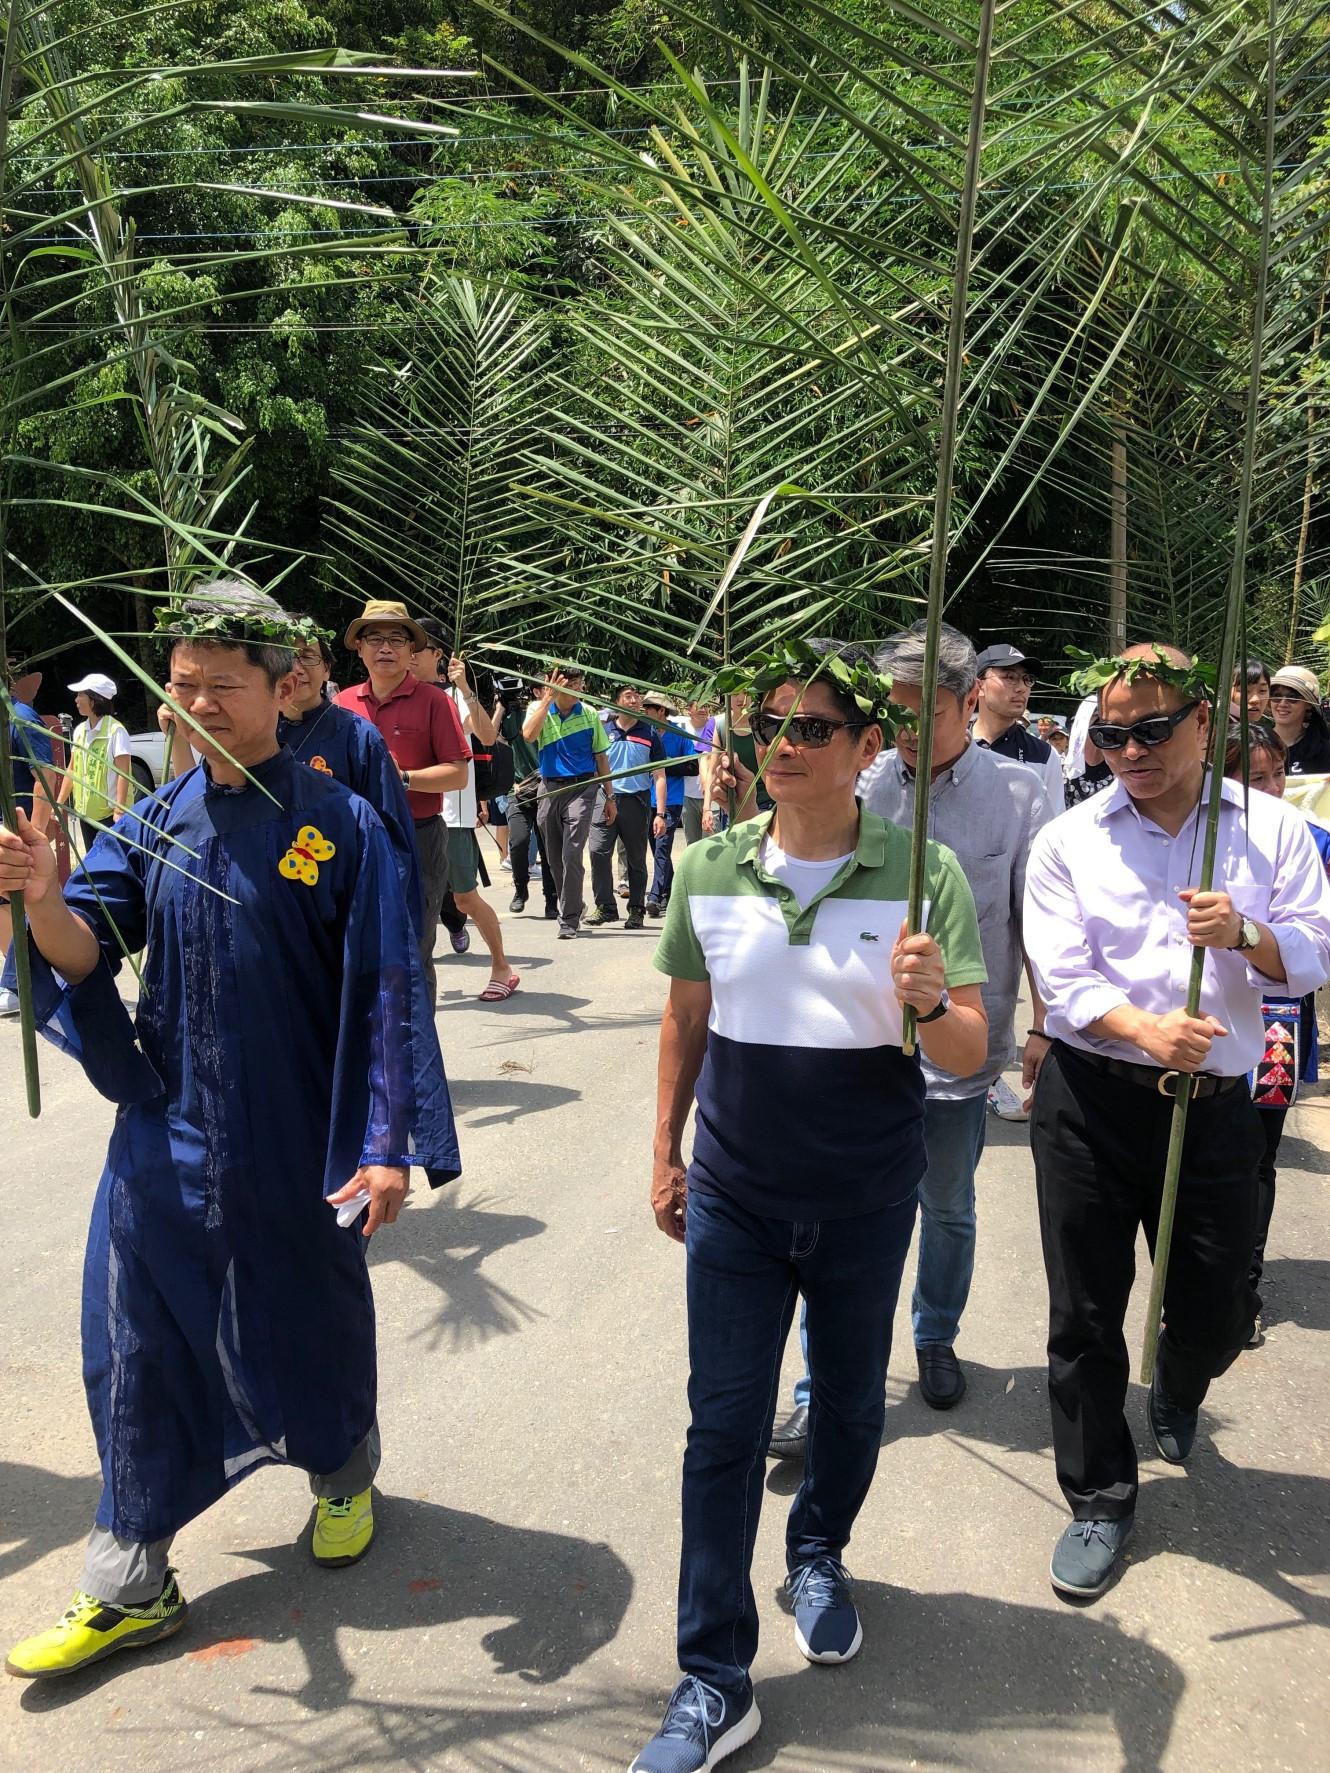 客委會李主委與大家一起參與「2019第二十二屆美濃黃蝶祭」活動。1